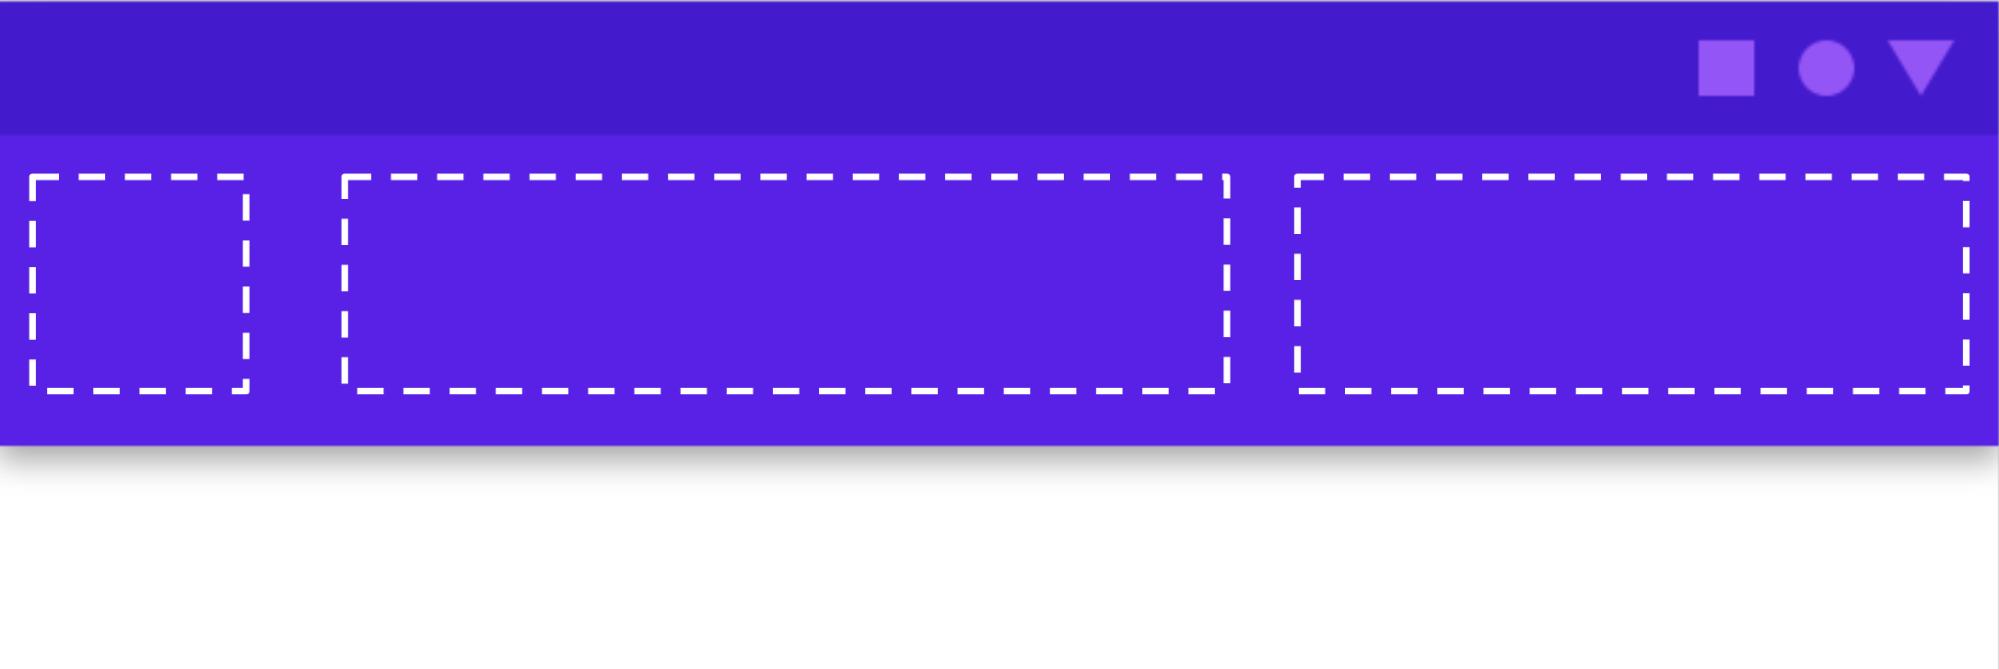 显示了应用栏中的插槽,您可以在其中添加界面元素